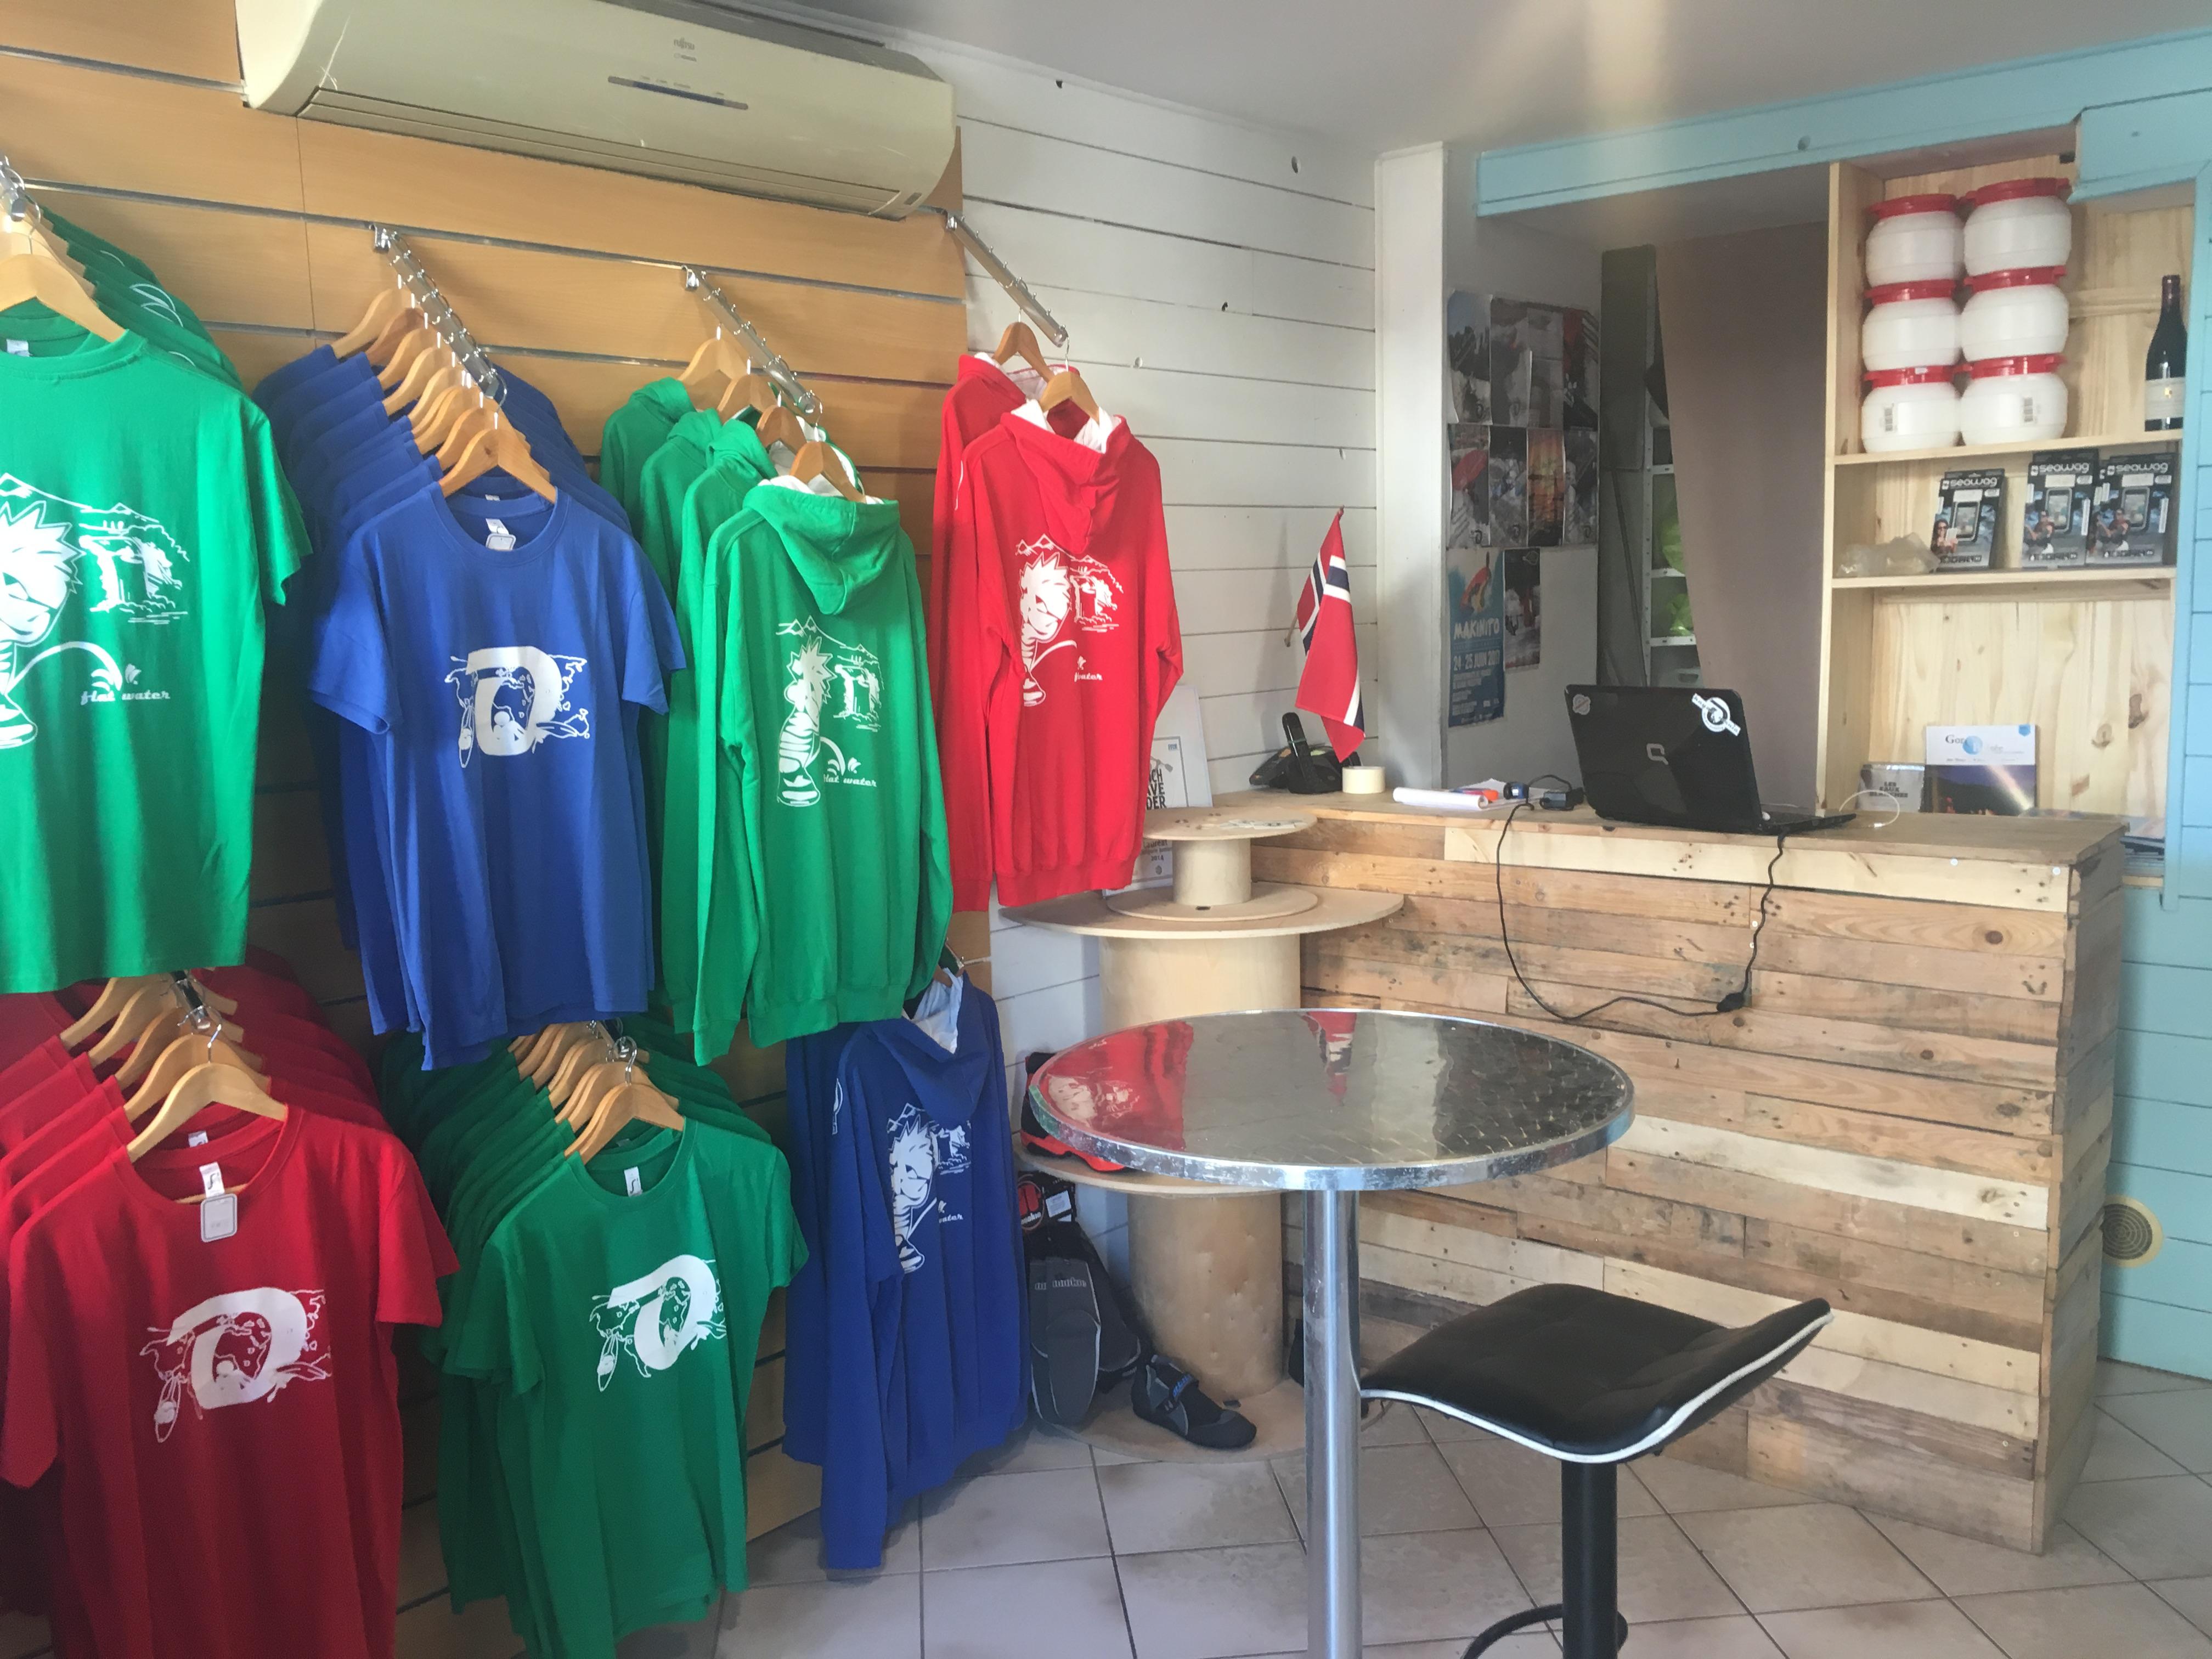 Le coté des t-shirts personnalisé, et street wear